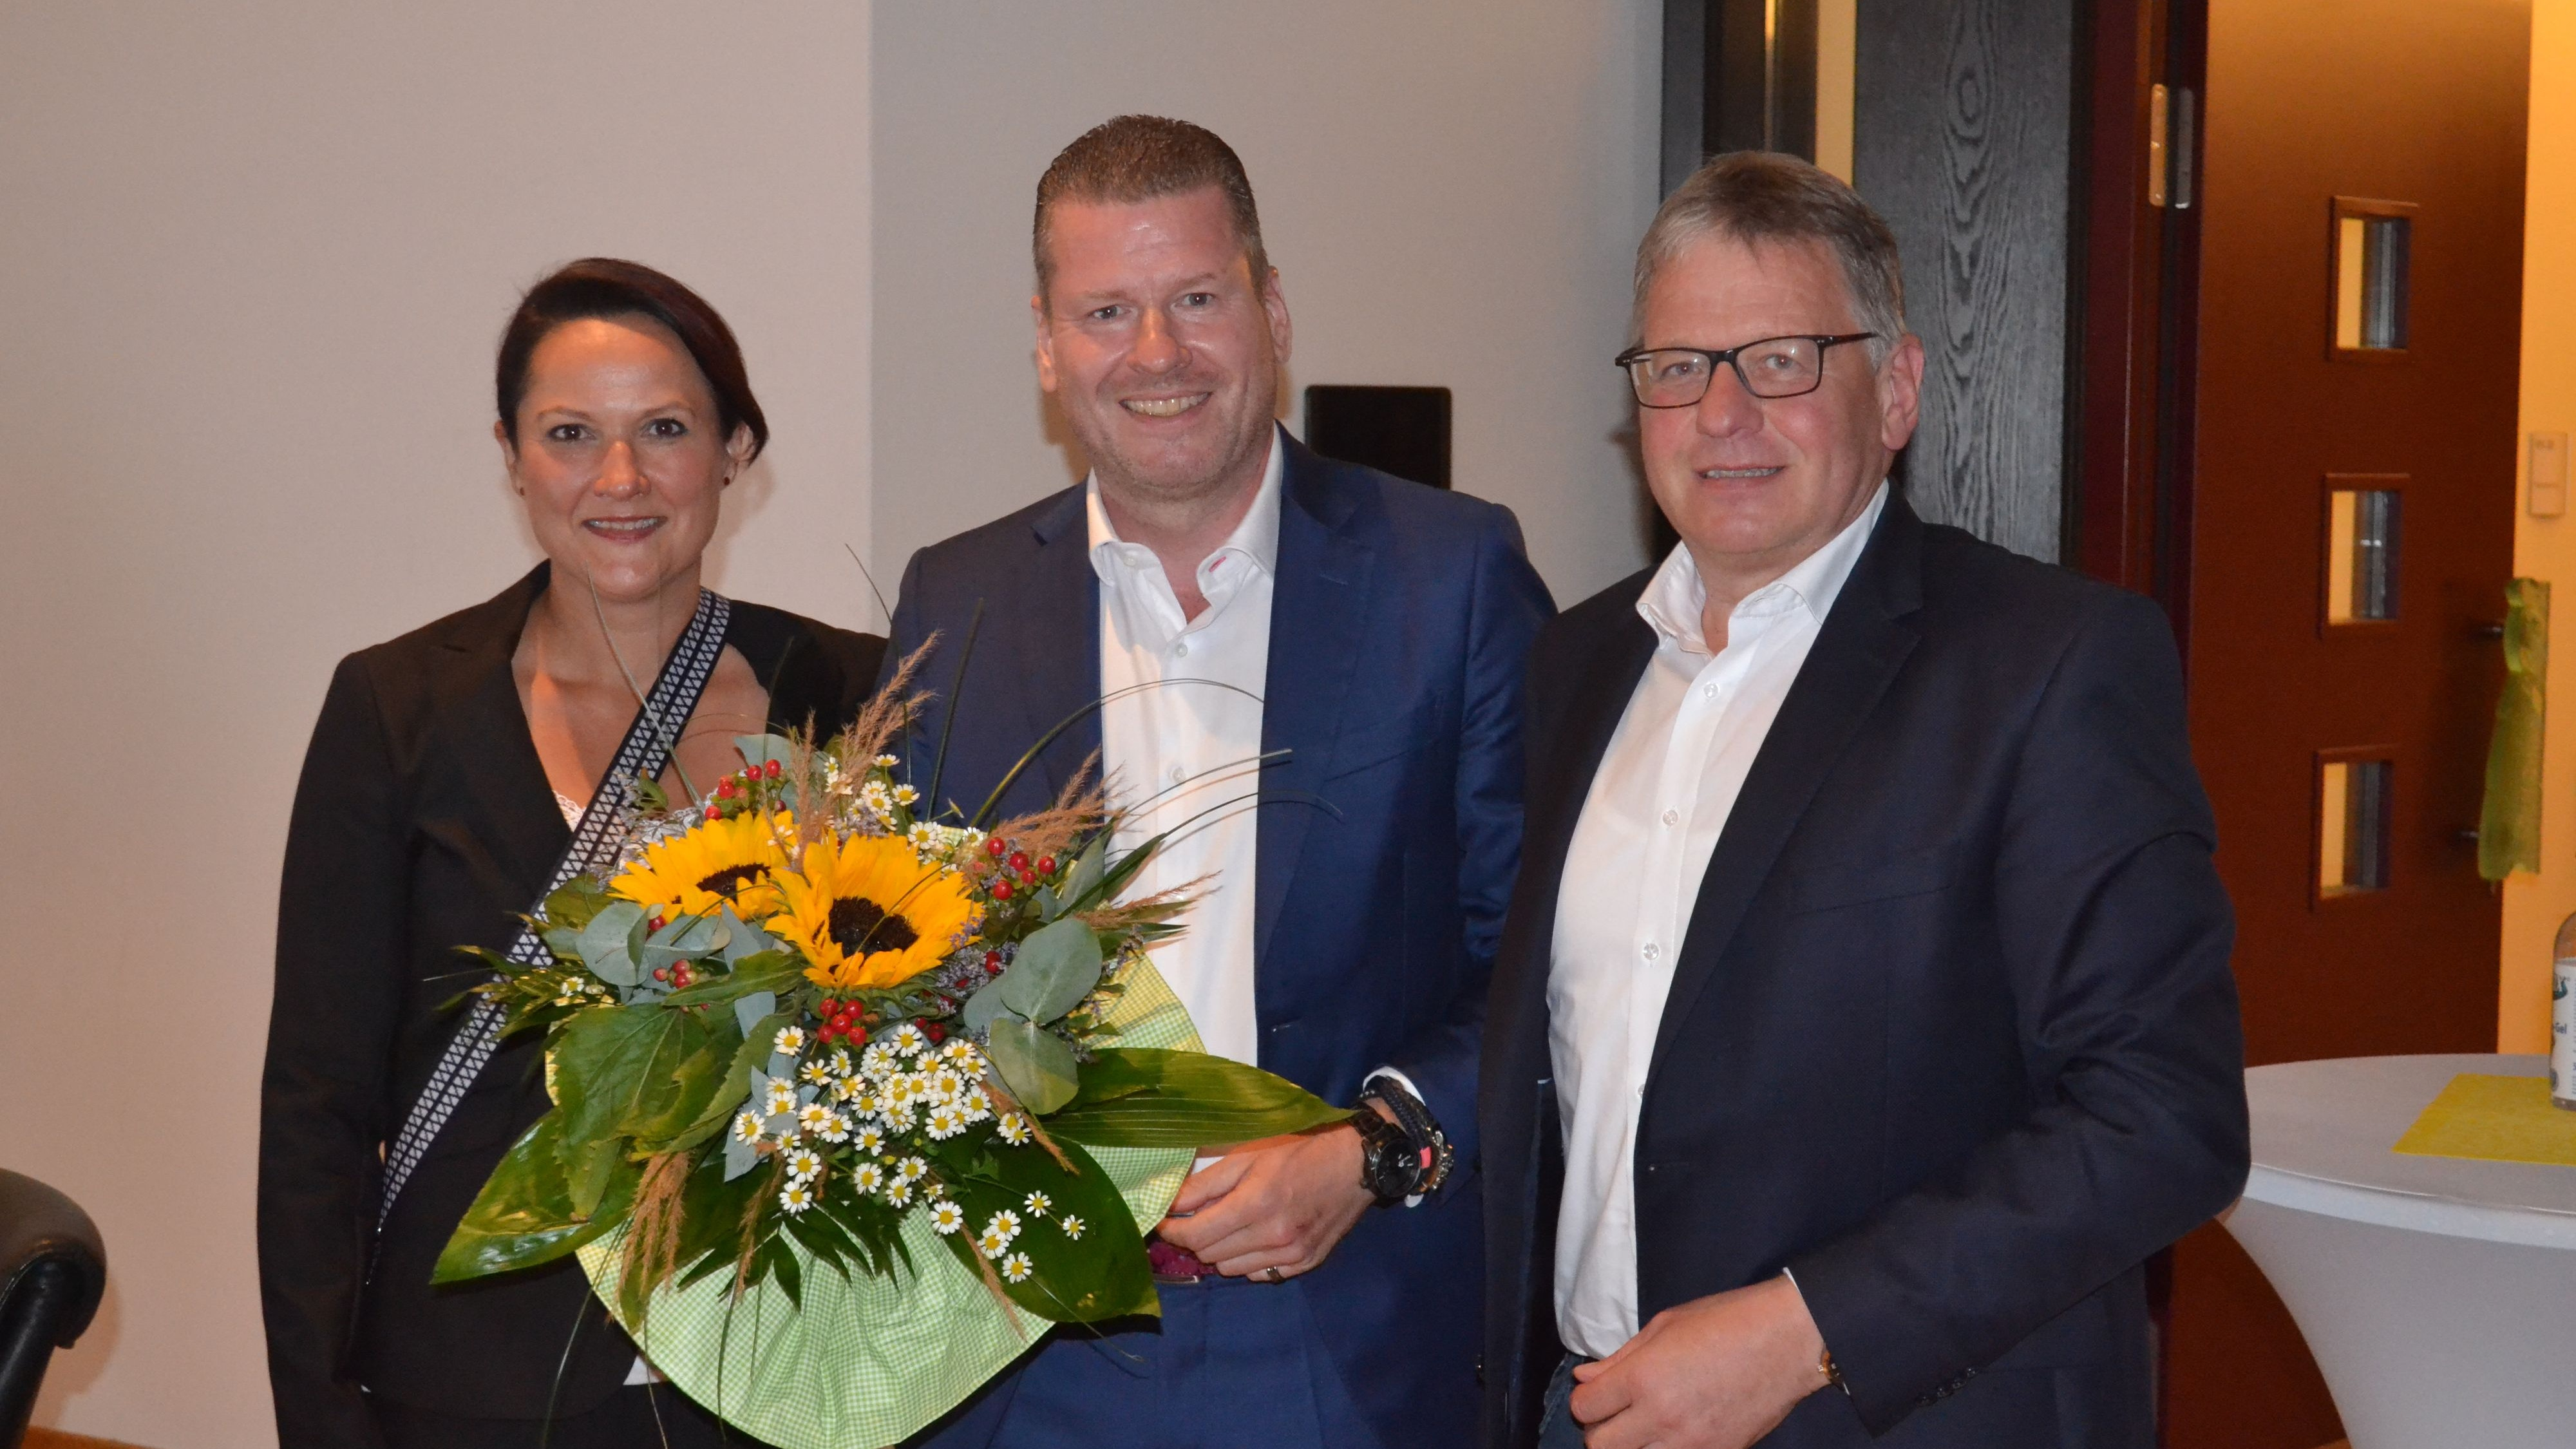 Bliebt im Amt: Michael Fischer (Mitte) freute sich mit seiner Frau Daniela und Arnold Gerdes über seinen Sieg. Foto: Schrimper